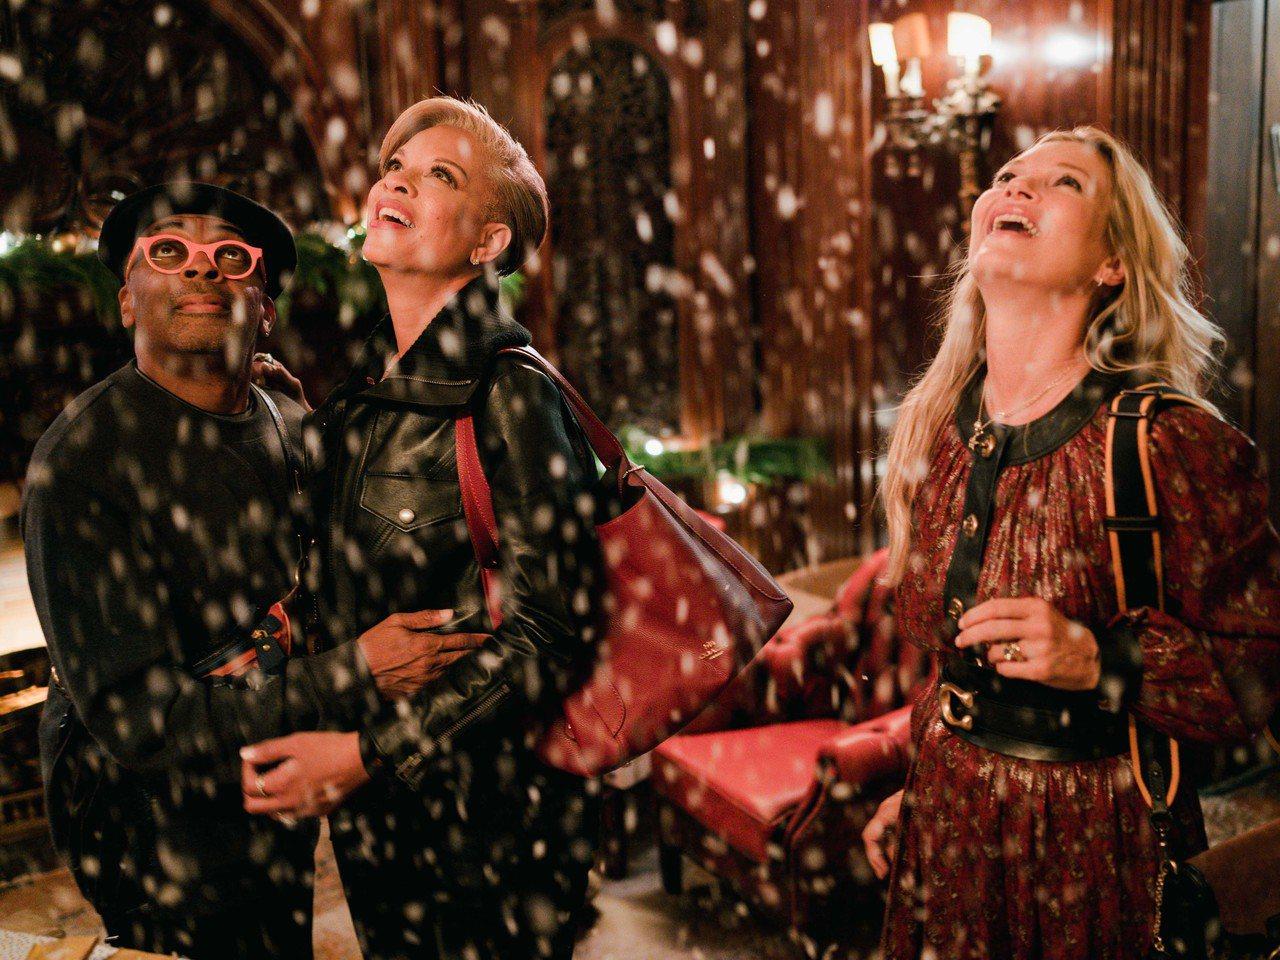 COACH Holiday系列形象影片傳達紐約傳統節慶氛圍。圖/COACH提供